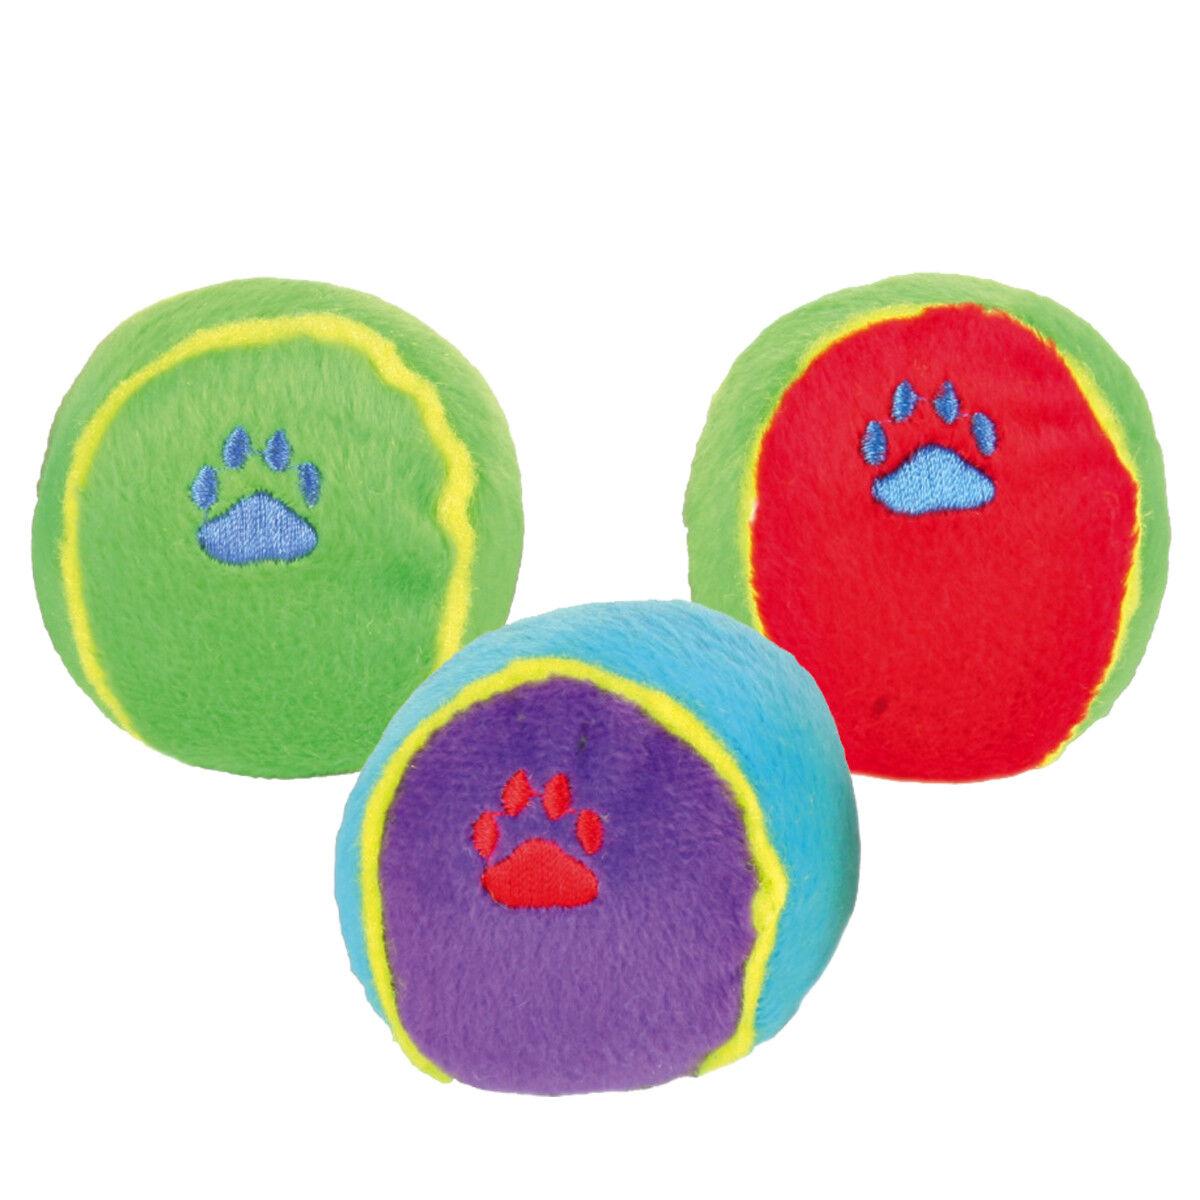 TRIXIE Sortiment Spielbälle, Plüsch Balle für Hund Plüschtier mit Stimmt 3605    Spielzeugwelt, fröhlicher Ozean